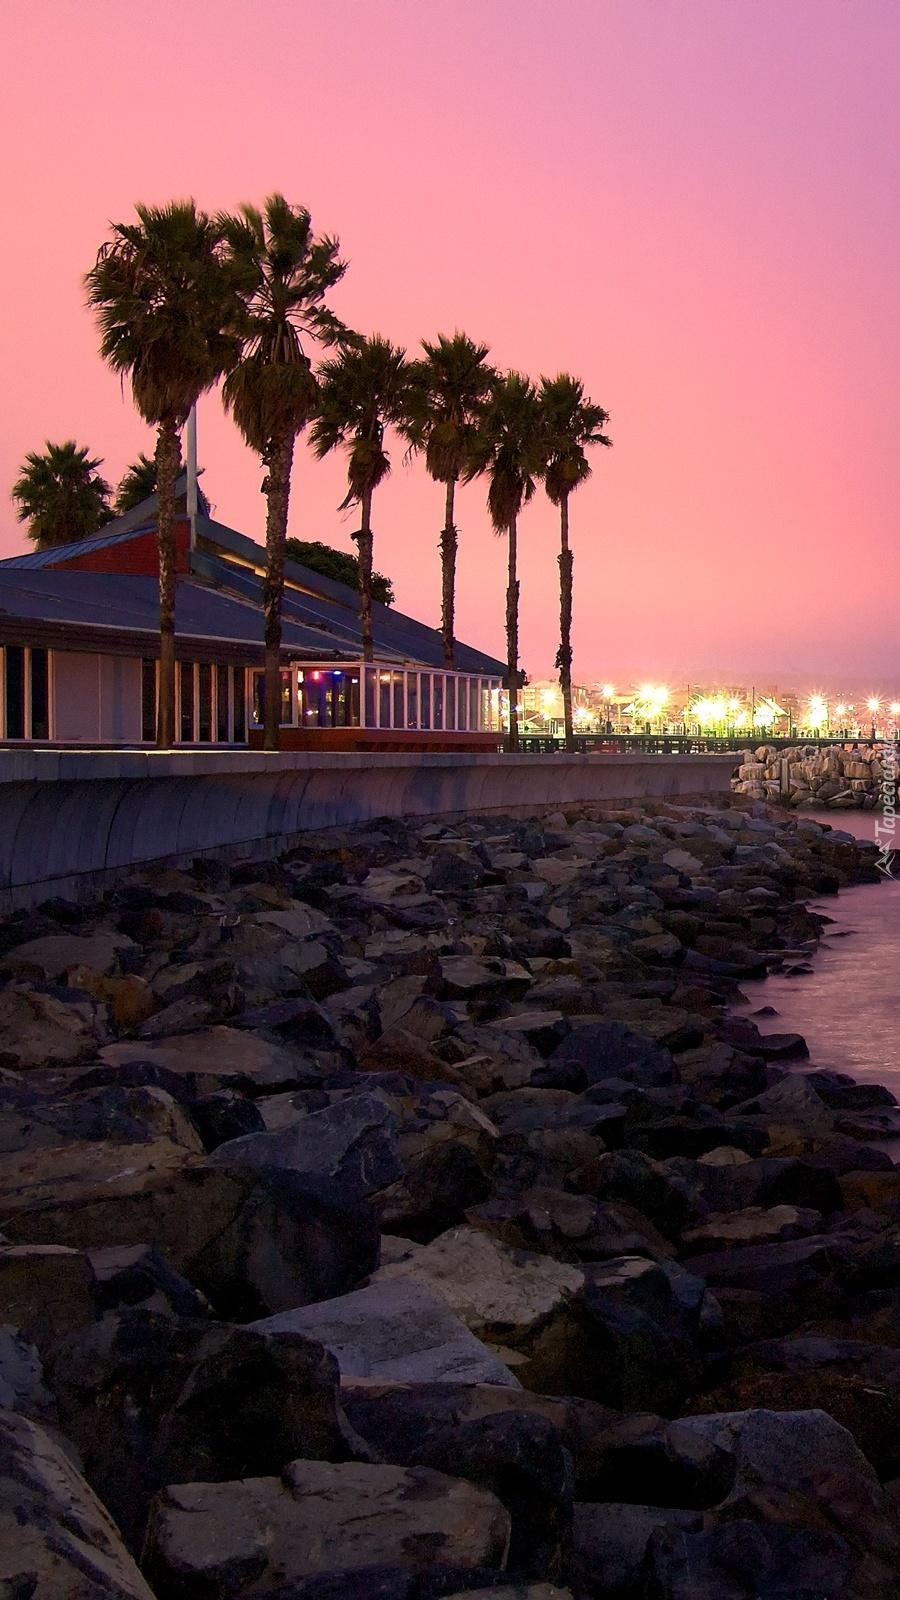 Dom na wybrzeżu nocą